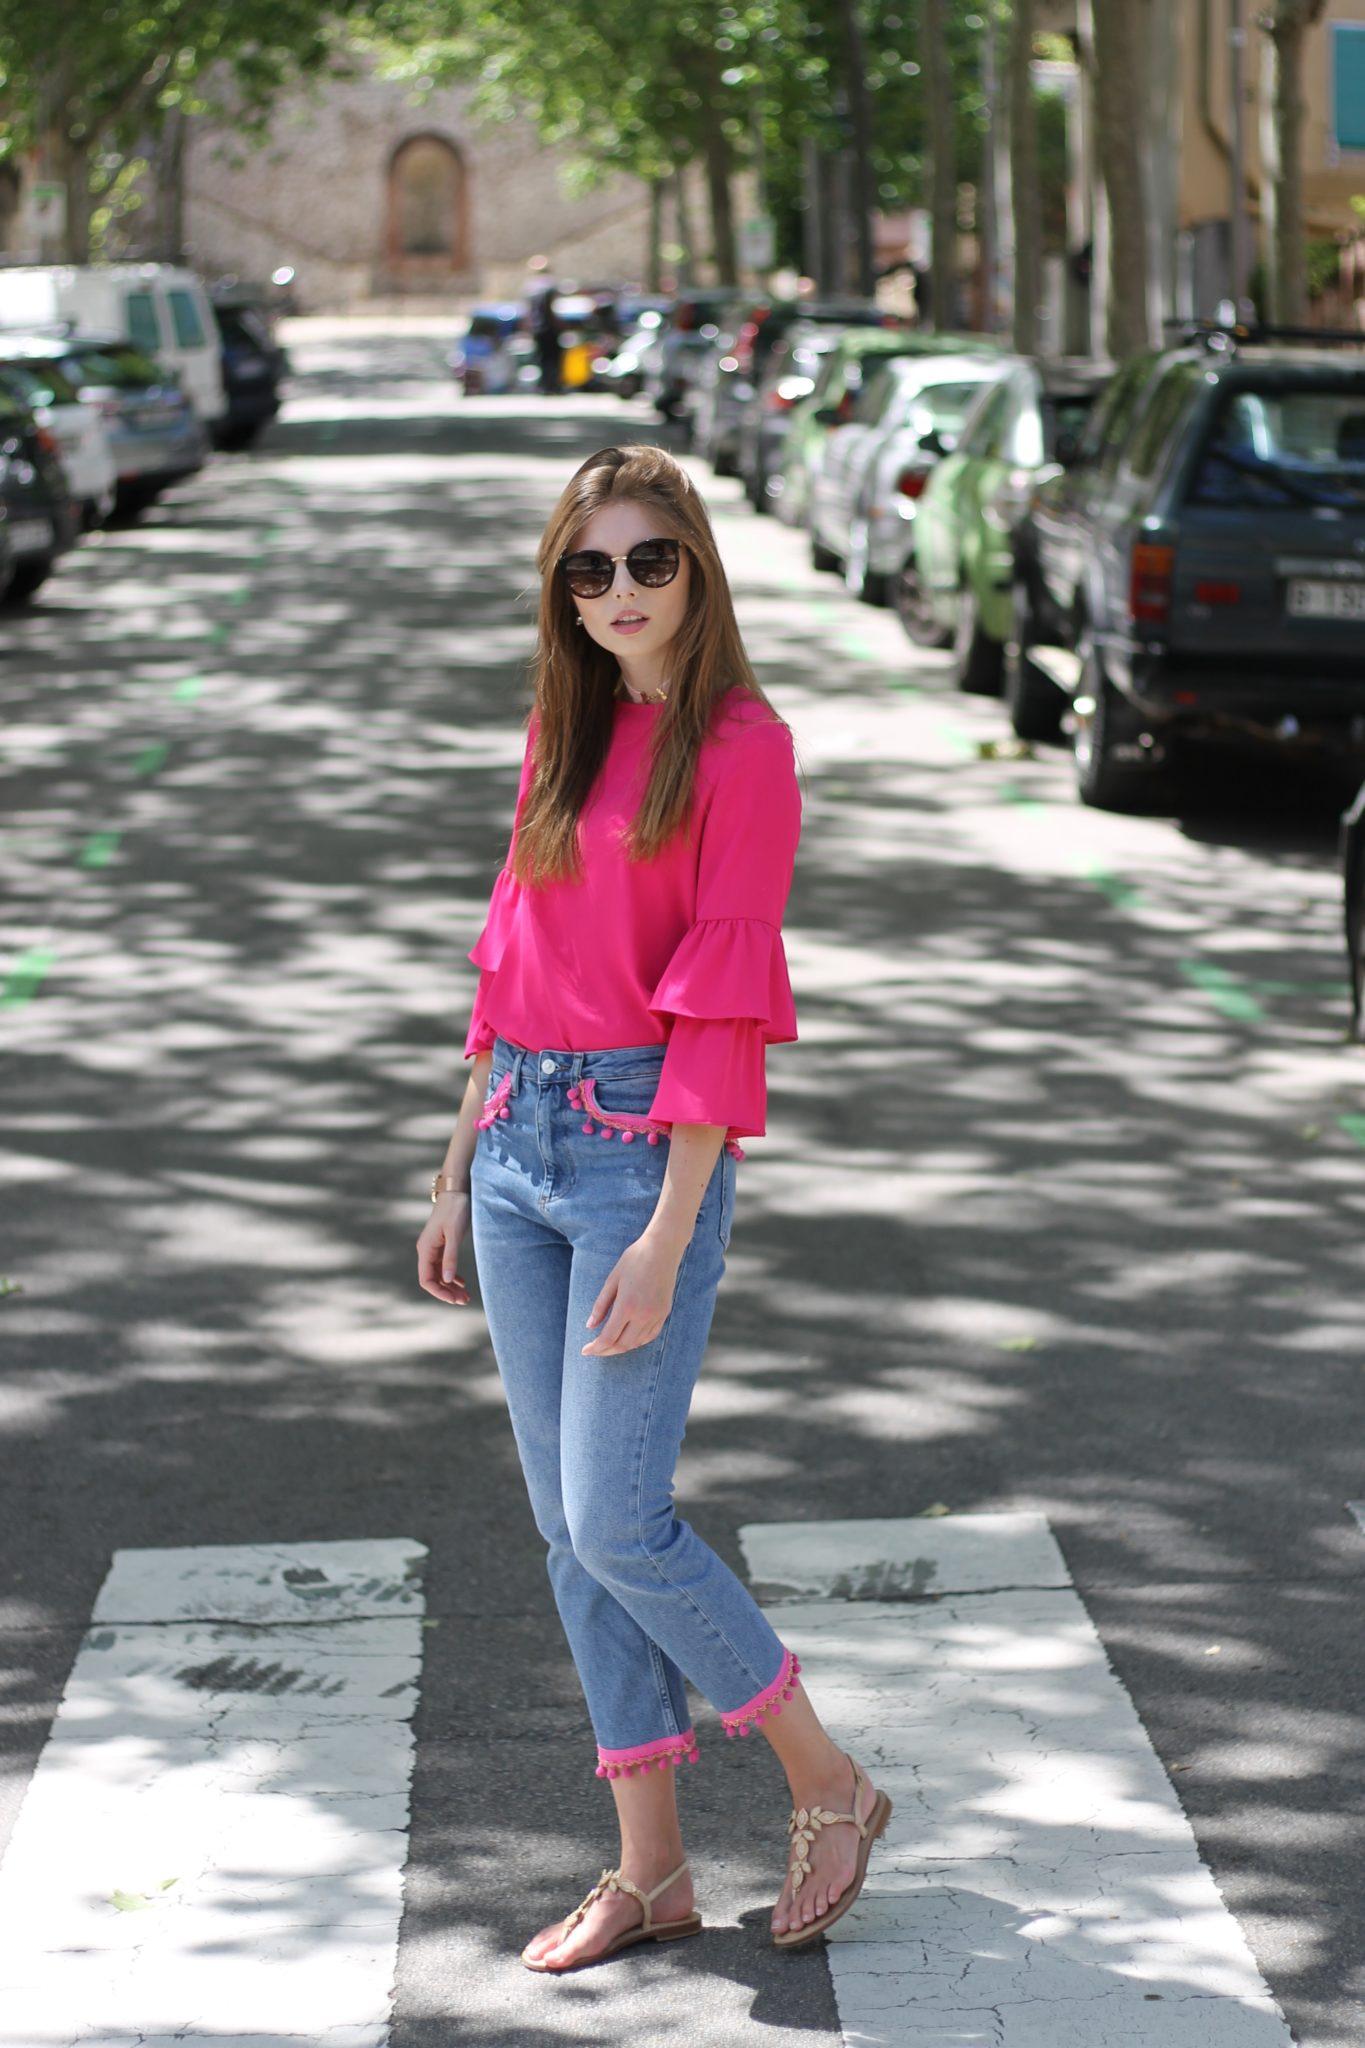 IMG 5362 - BARCELONA STREET STYLE